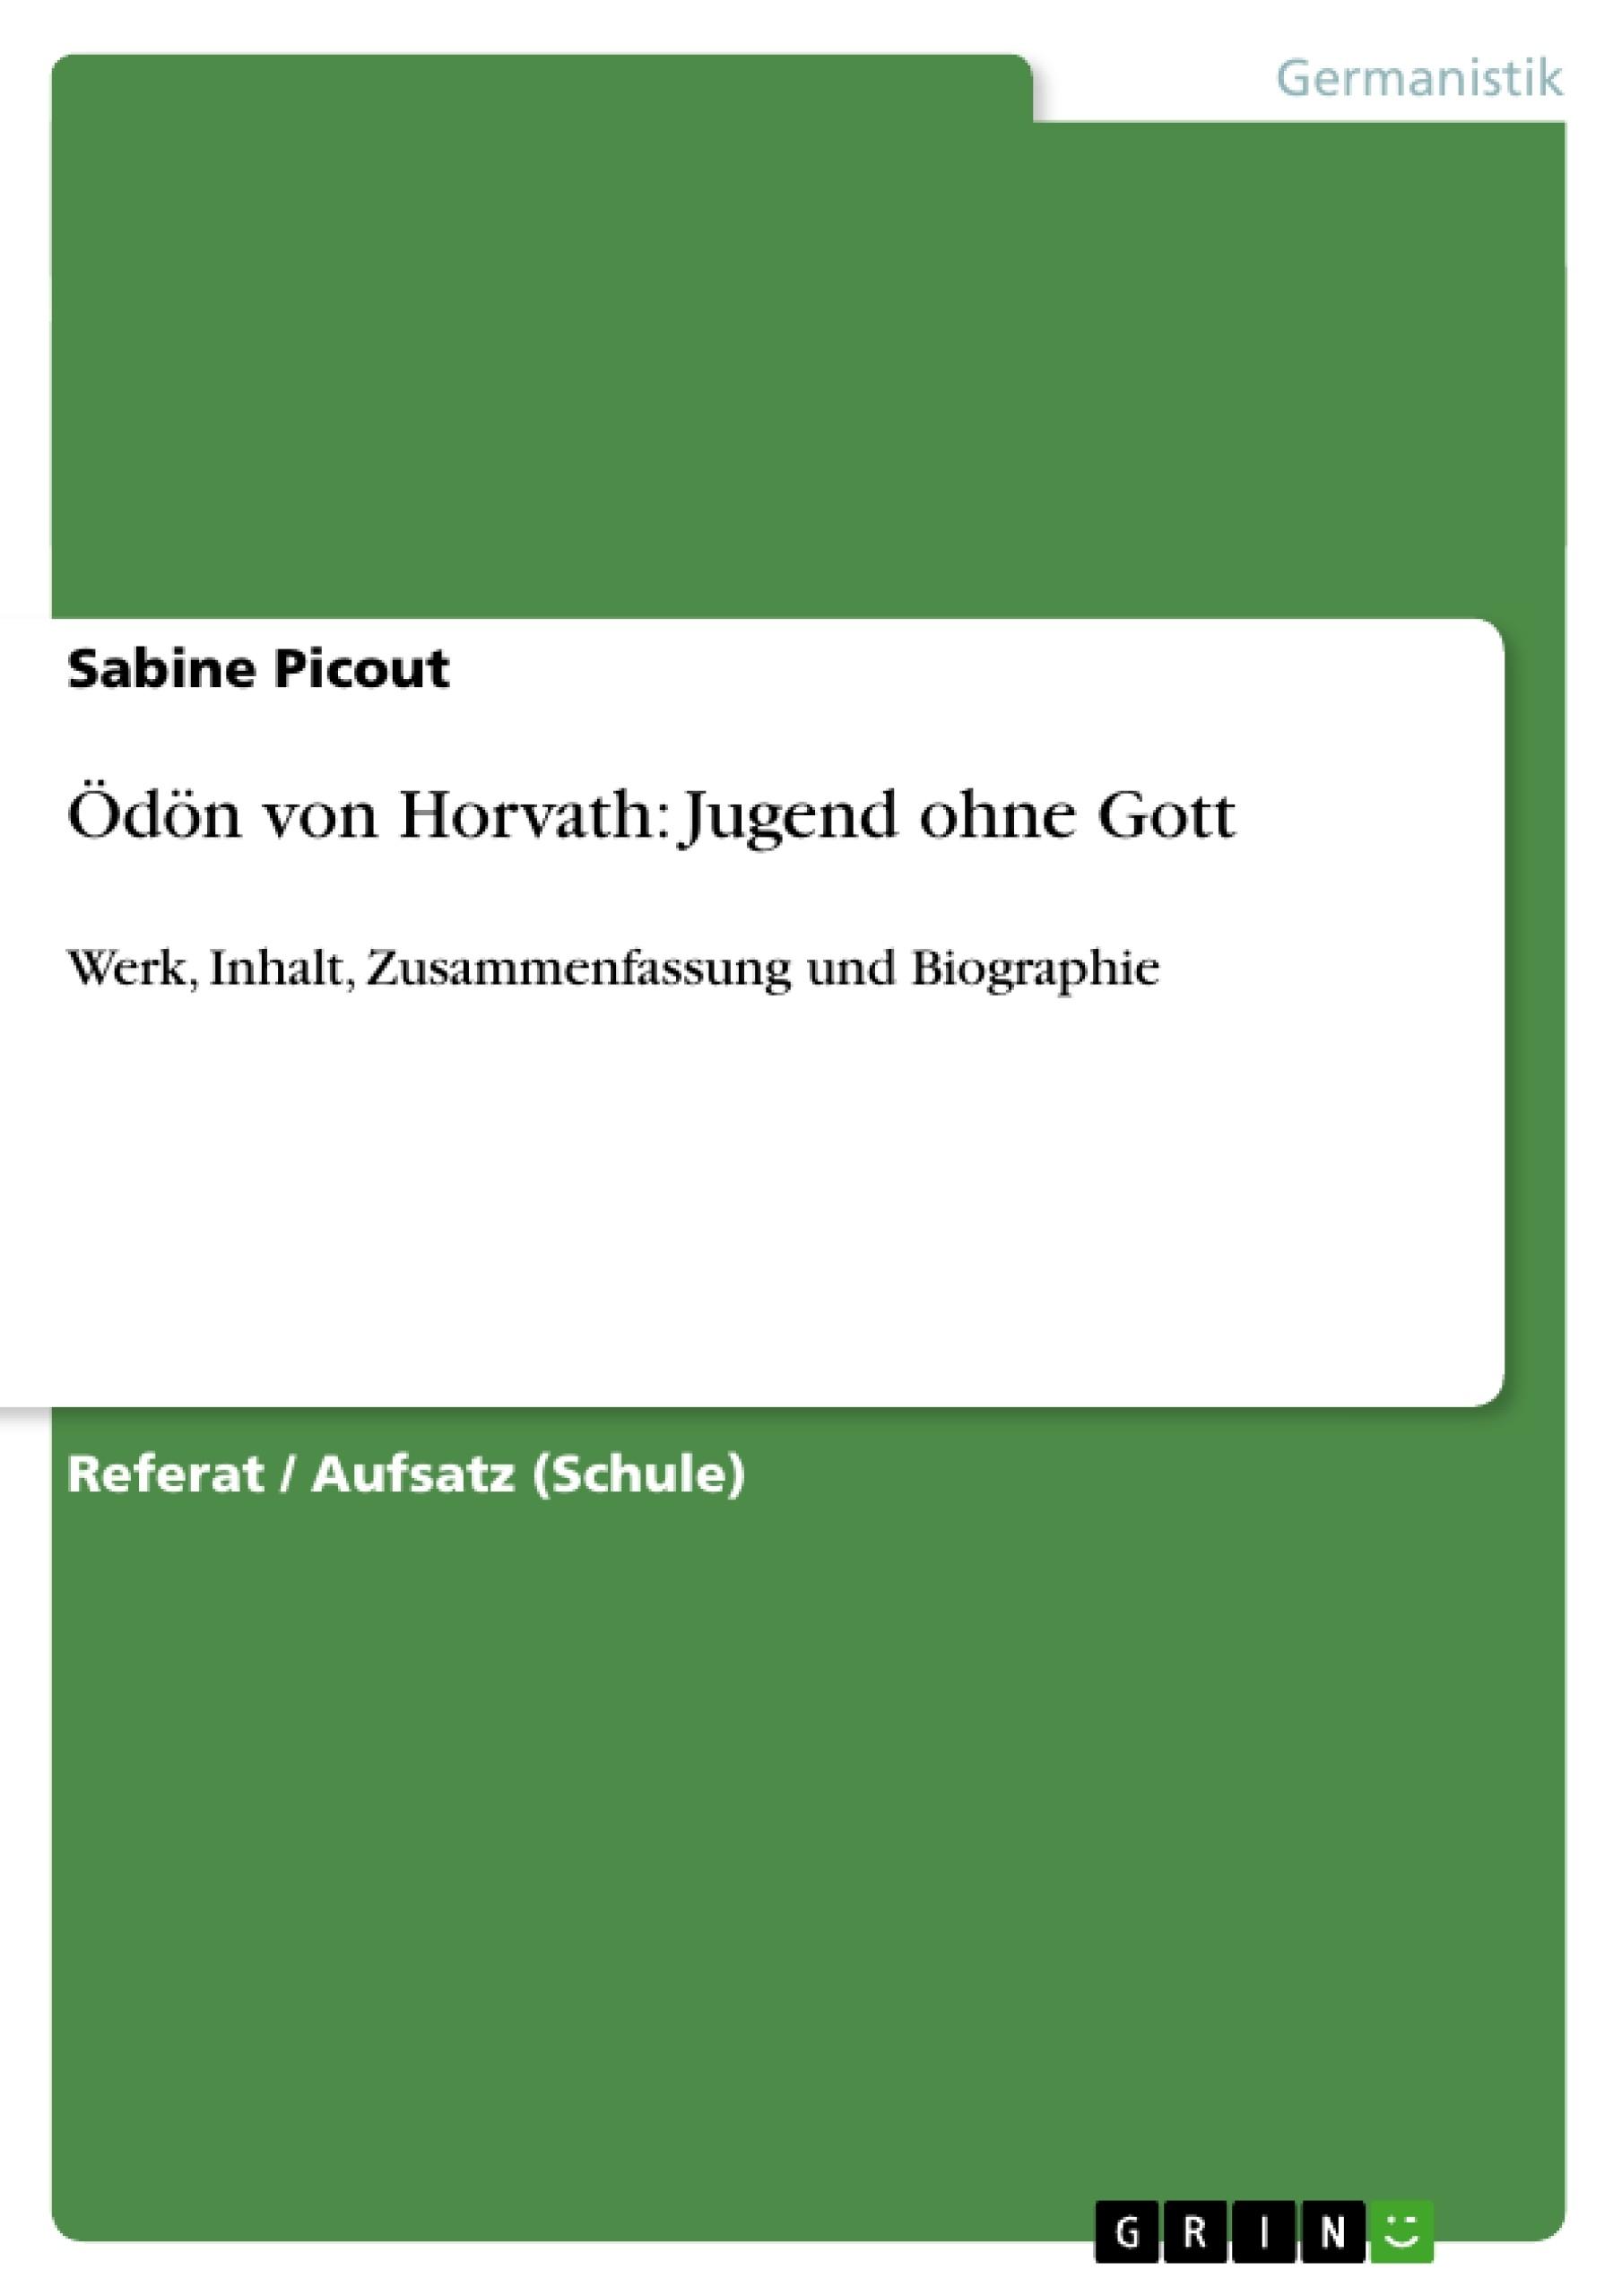 Titel: Ödön von Horvath: Jugend ohne Gott